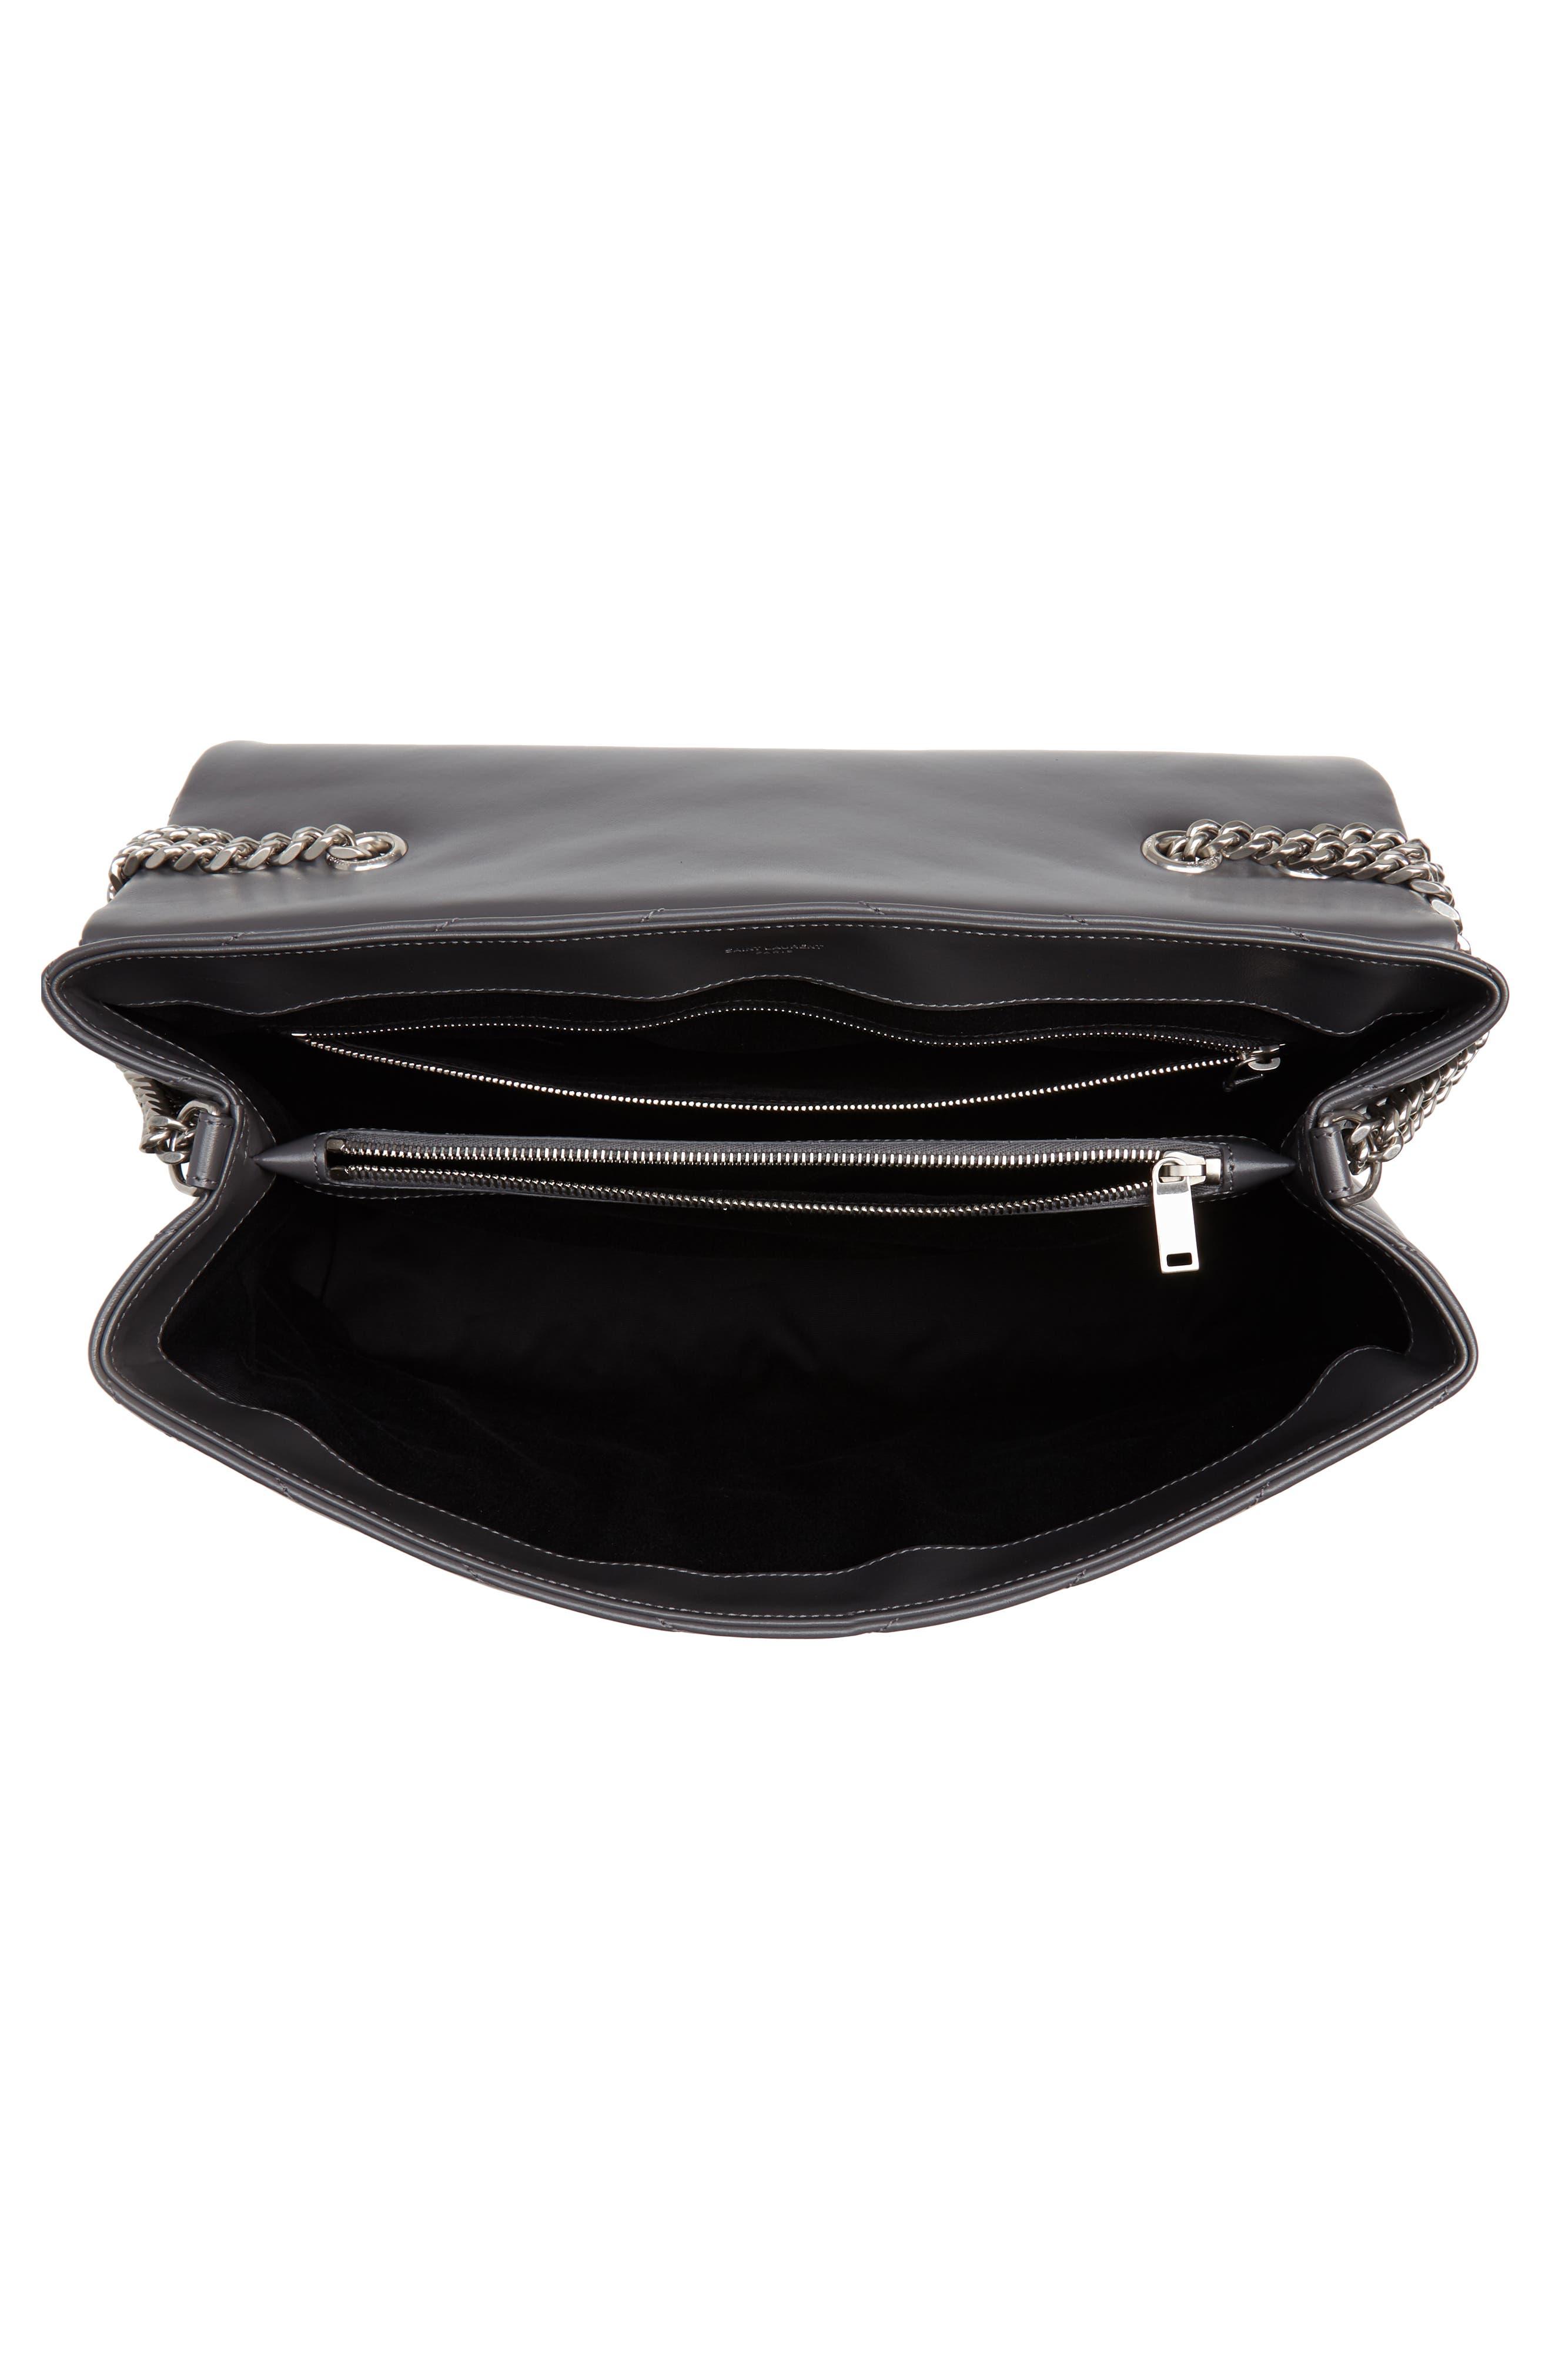 Large Loulou Matelassé Leather Shoulder Bag,                             Alternate thumbnail 4, color,                             STORM/ STORM